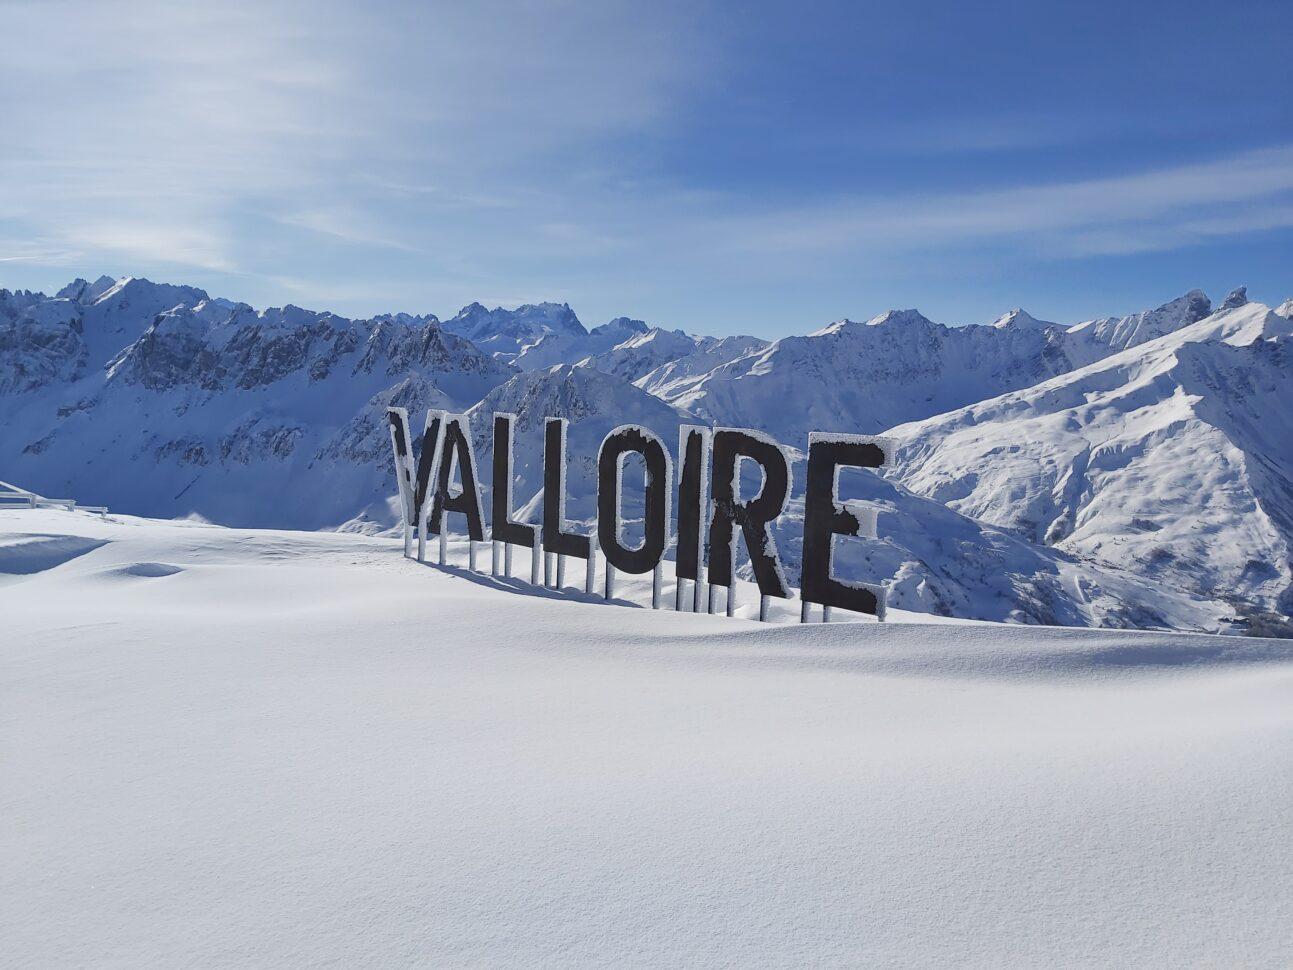 lettre Valloire 3D